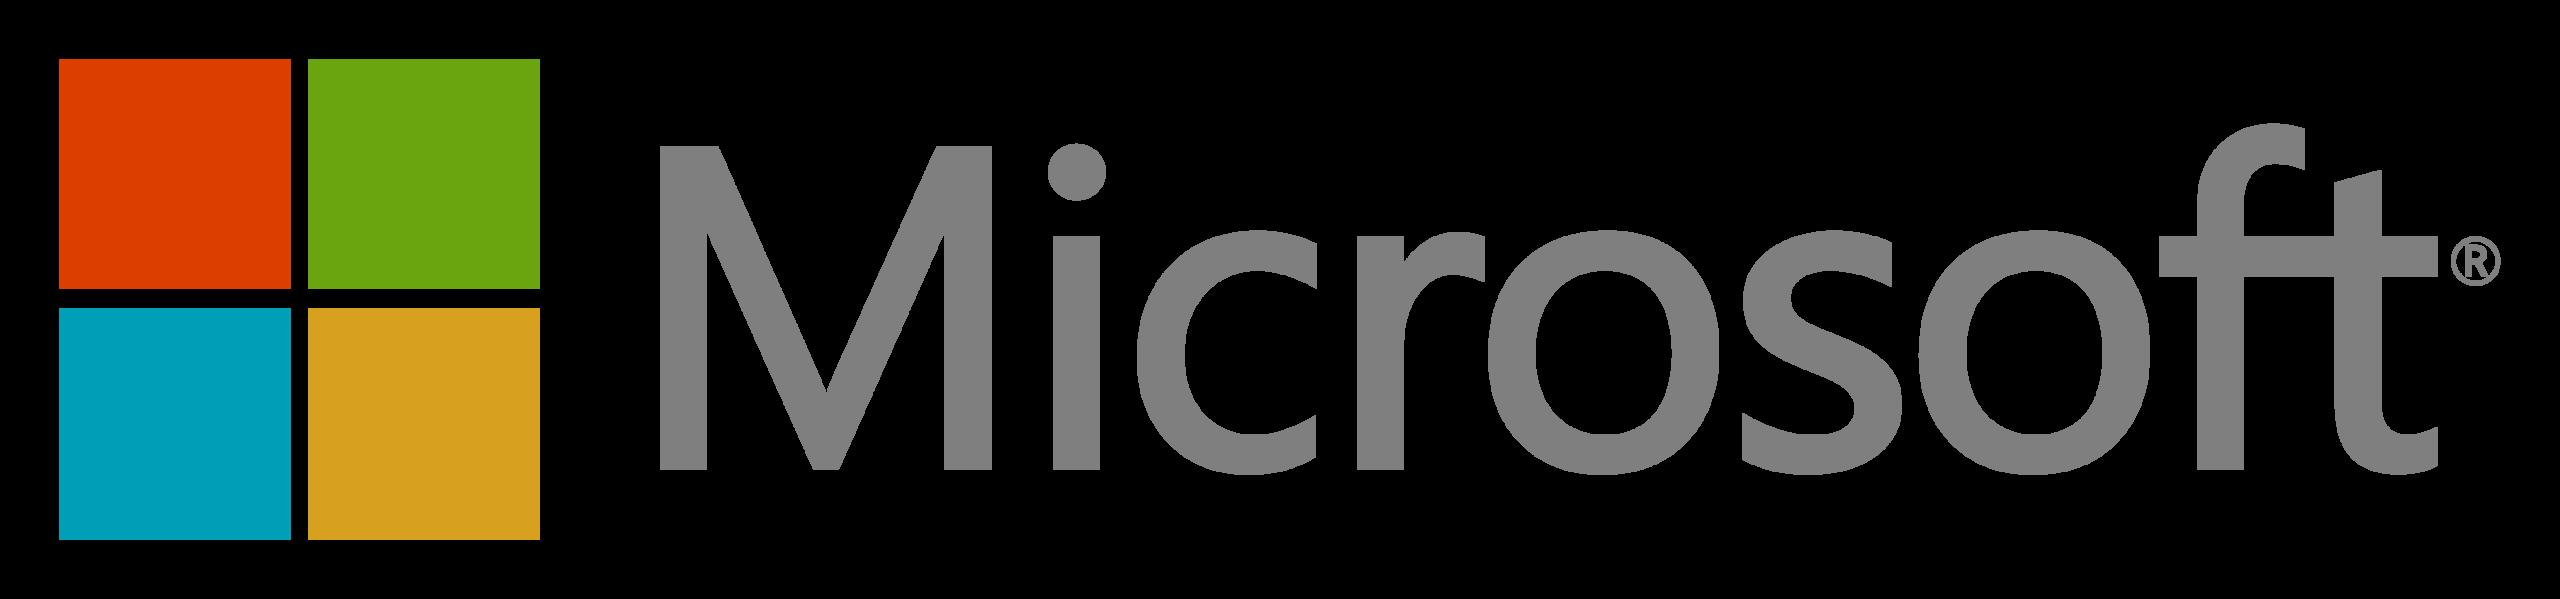 https://www.microsoft.com/en-us/